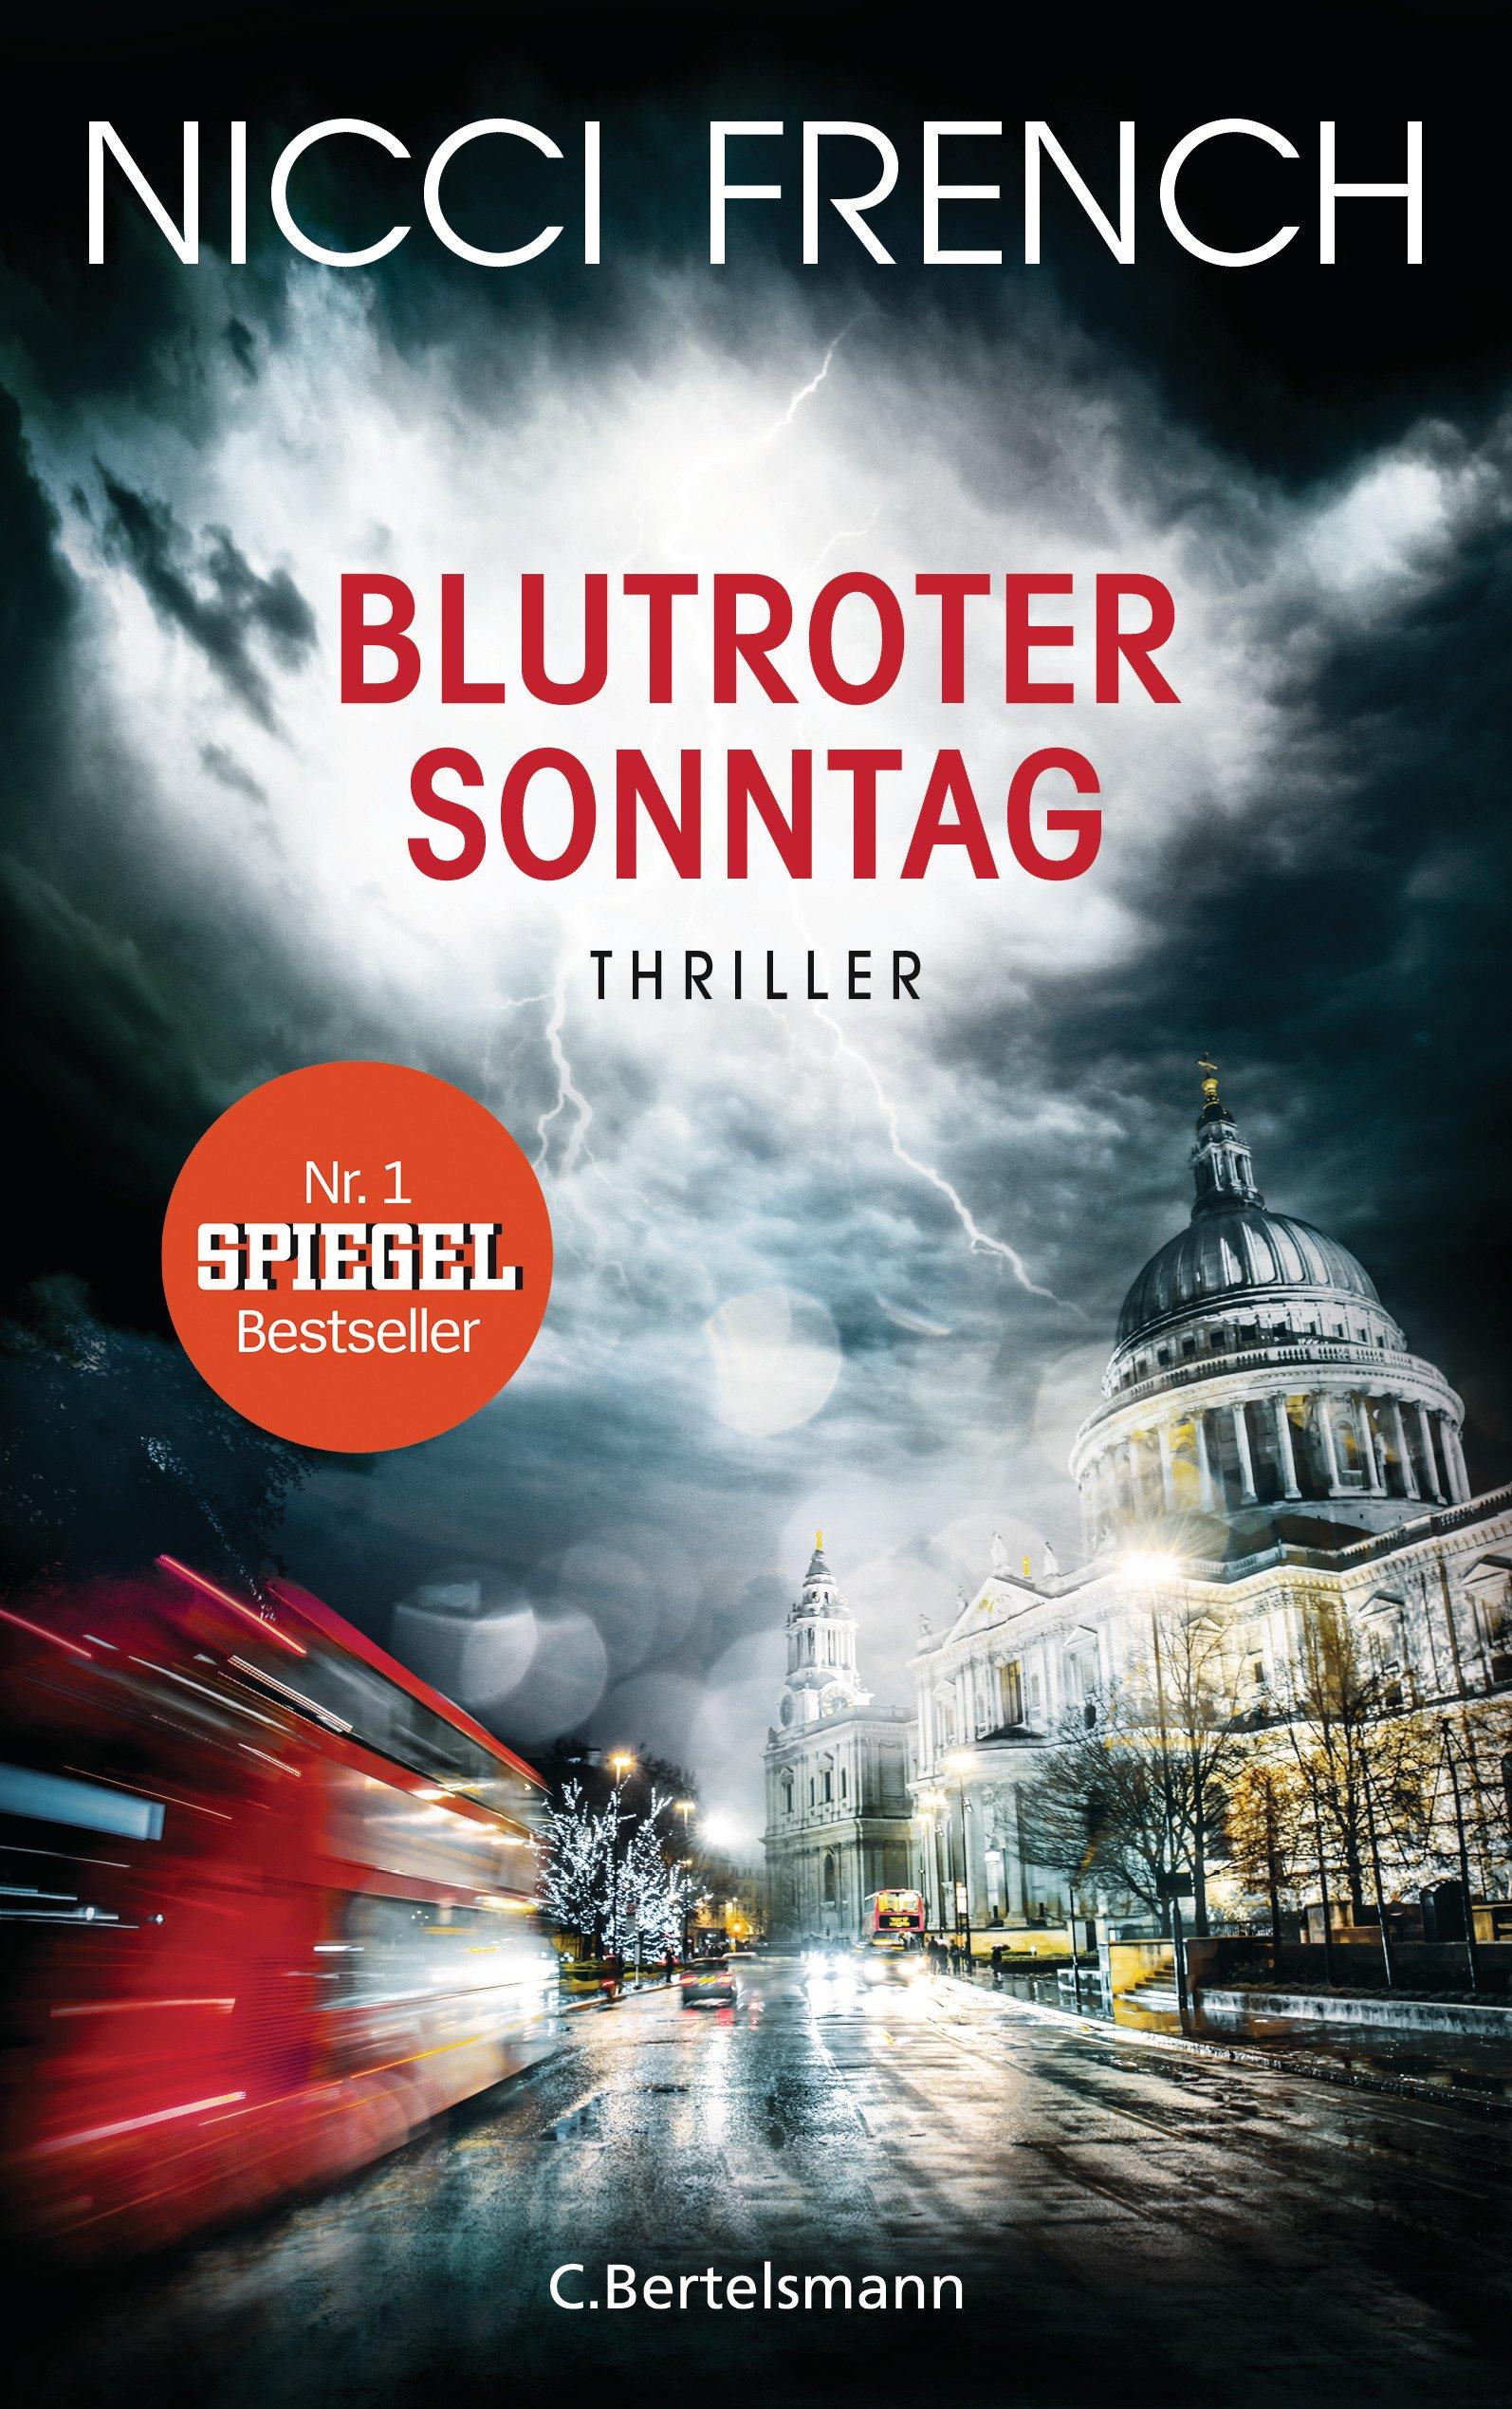 Blutroter Sonntag: Thriller Bd. 7 (Psychologin Frieda Klein als Ermittlerin, Band 7) Broschiert – 30. Oktober 2017 Nicci French Birgit Moosmüller C. Bertelsmann Verlag 3570103161